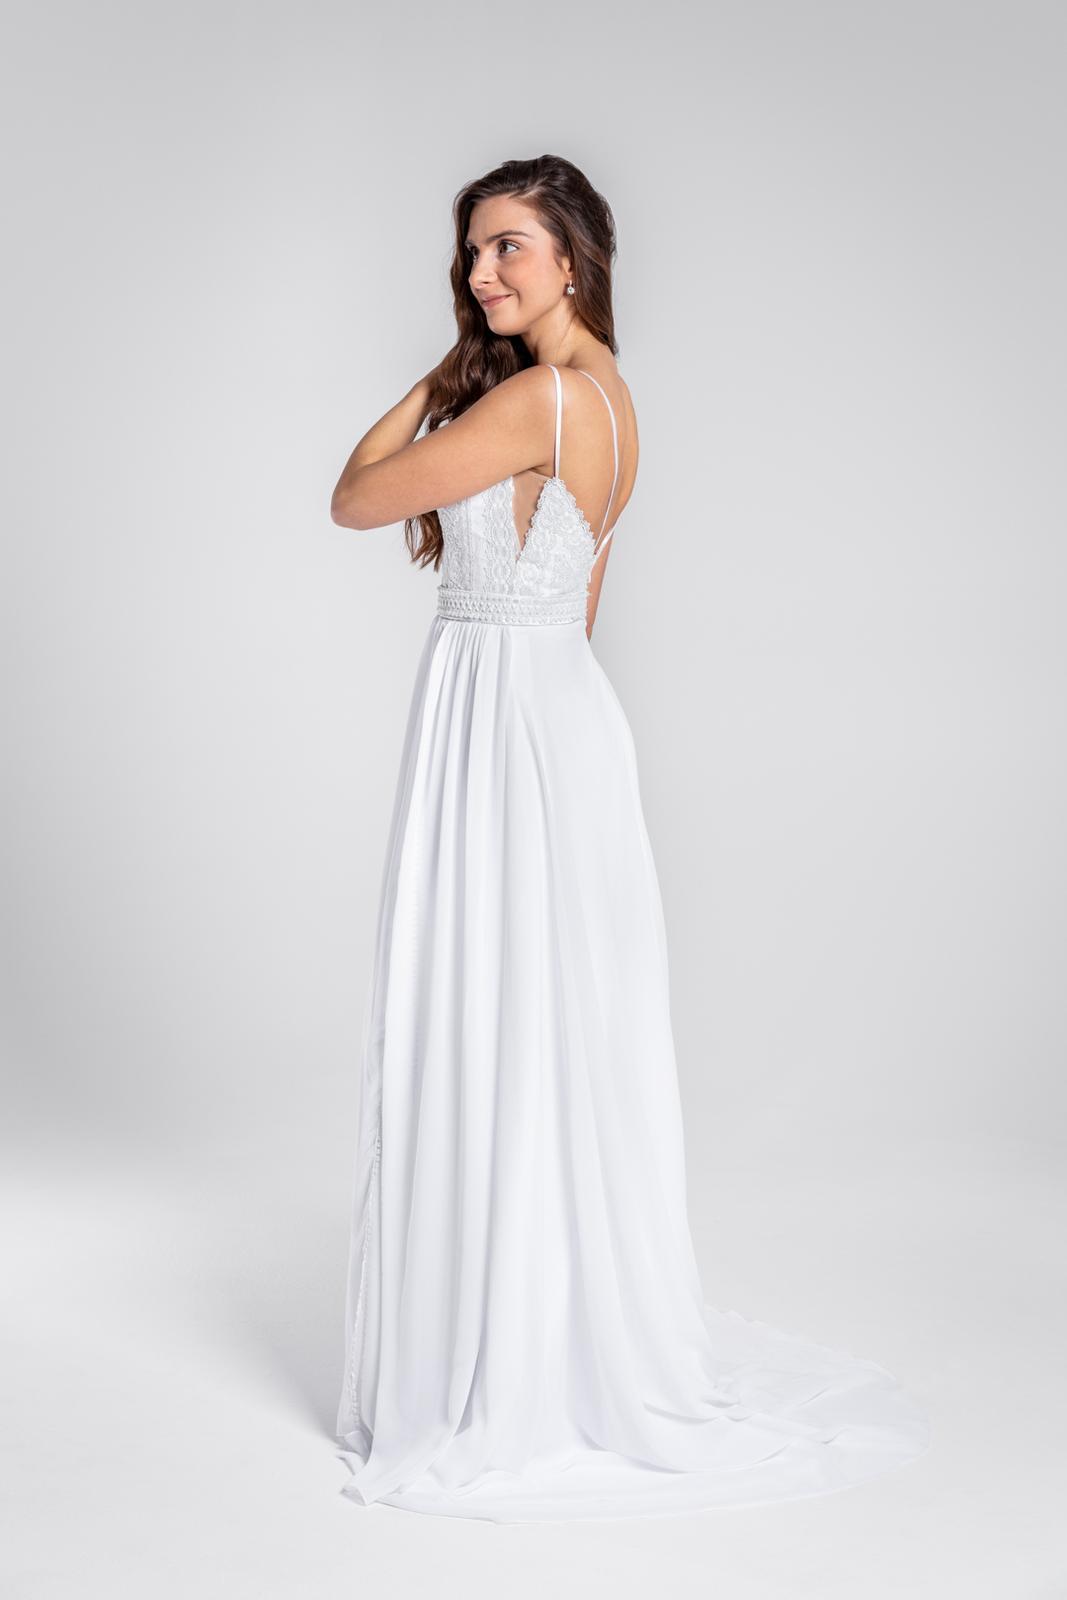 Úžasné svatební šaty s krajkou a rozparkem, 36, 40 - Obrázek č. 3